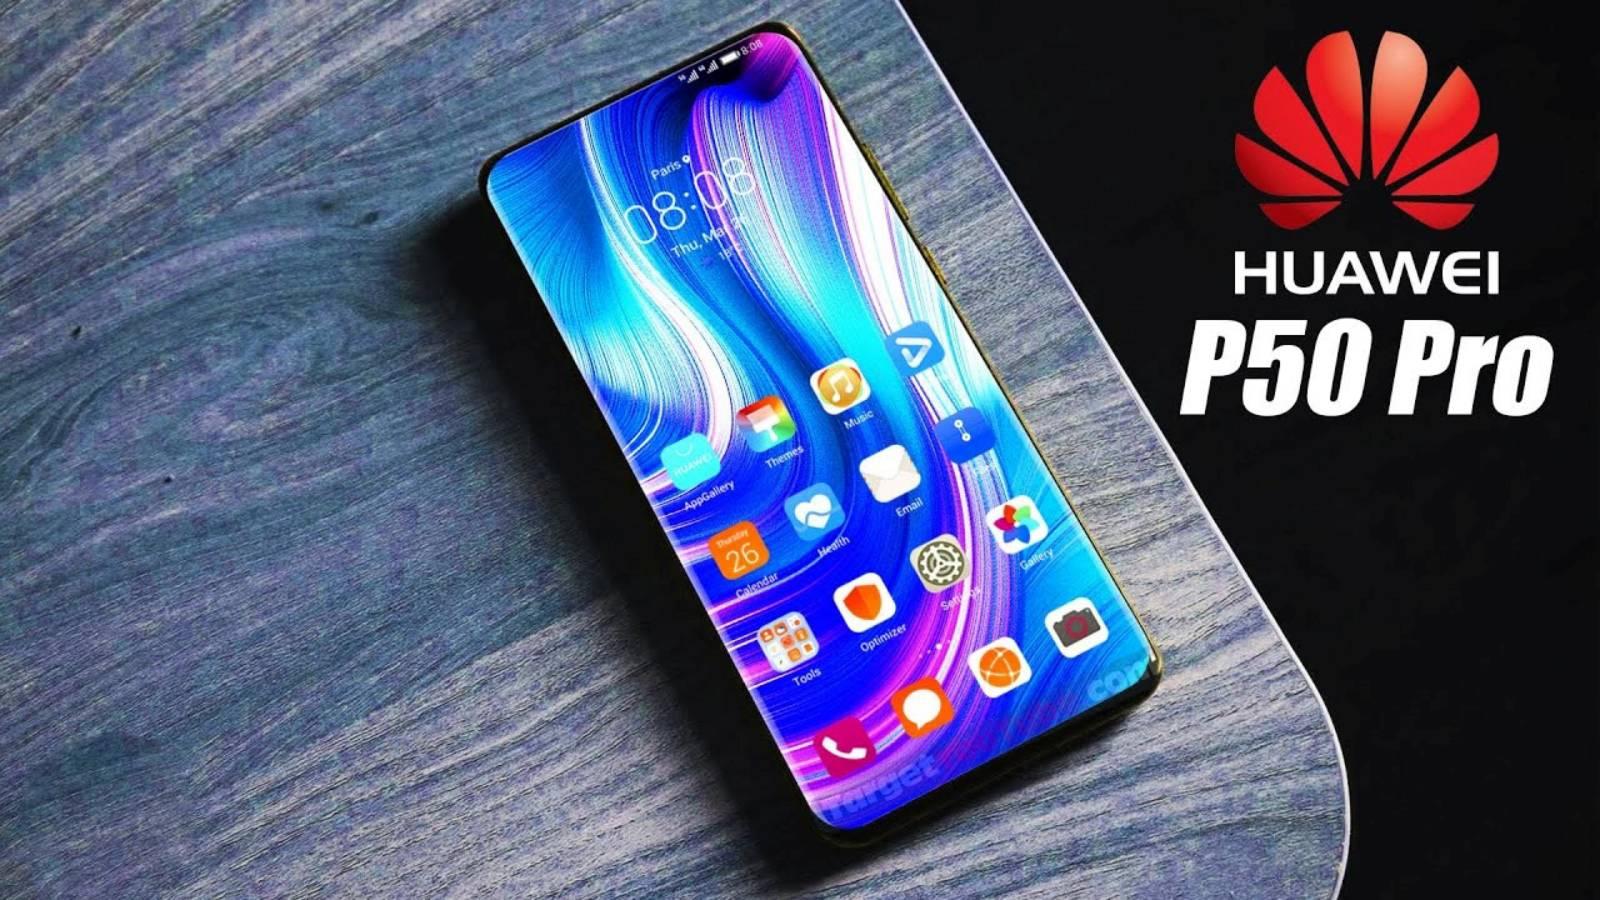 Huawei P50 Pro milisecunda